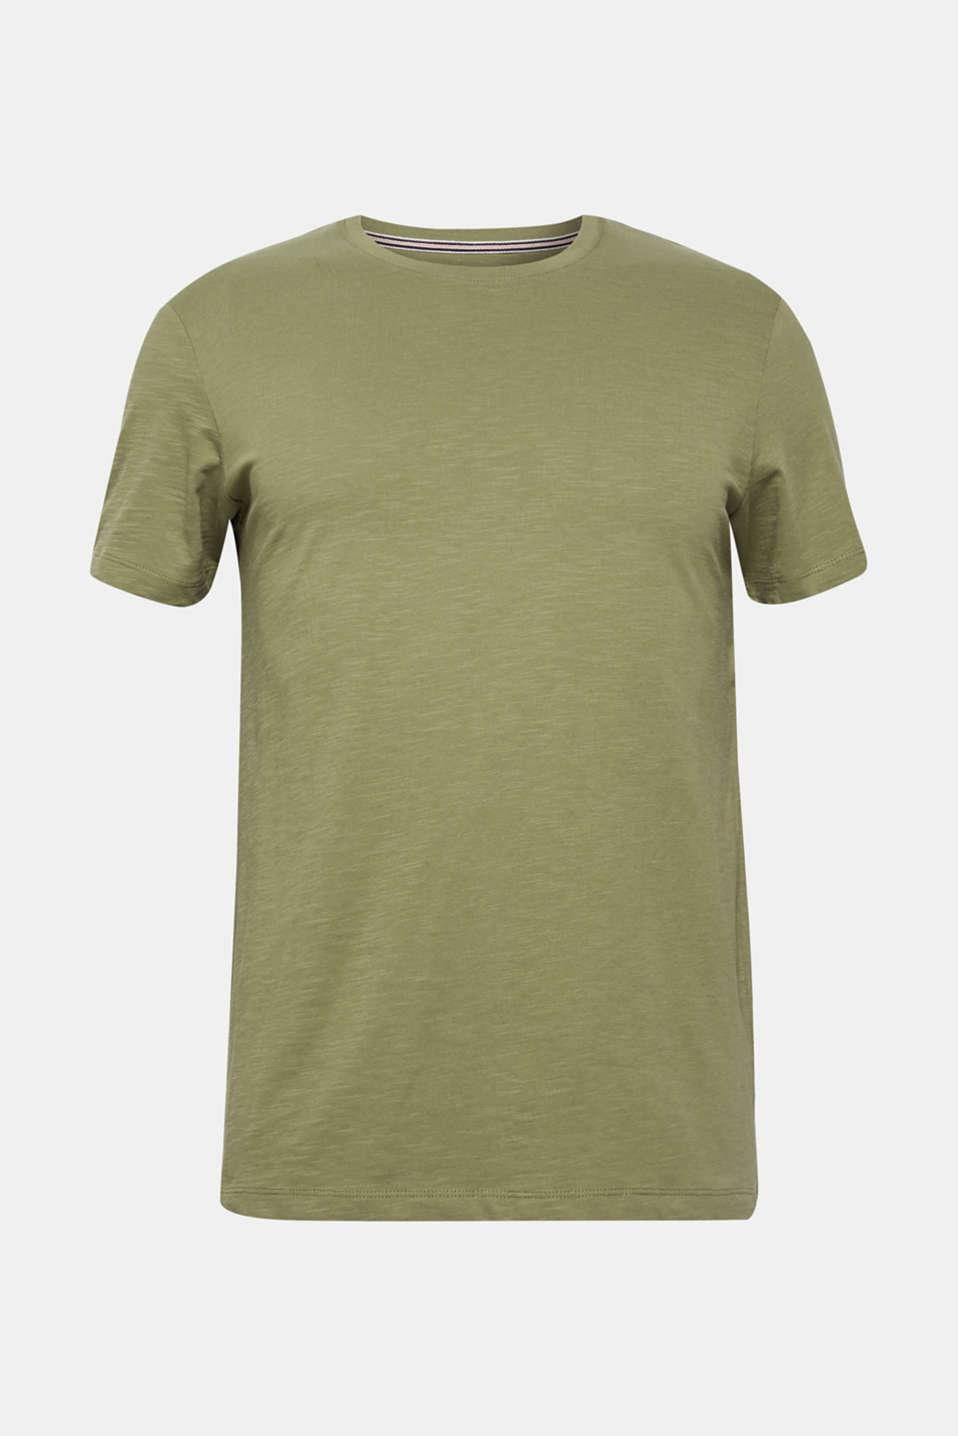 T-Shirts, KHAKI GREEN, detail image number 5